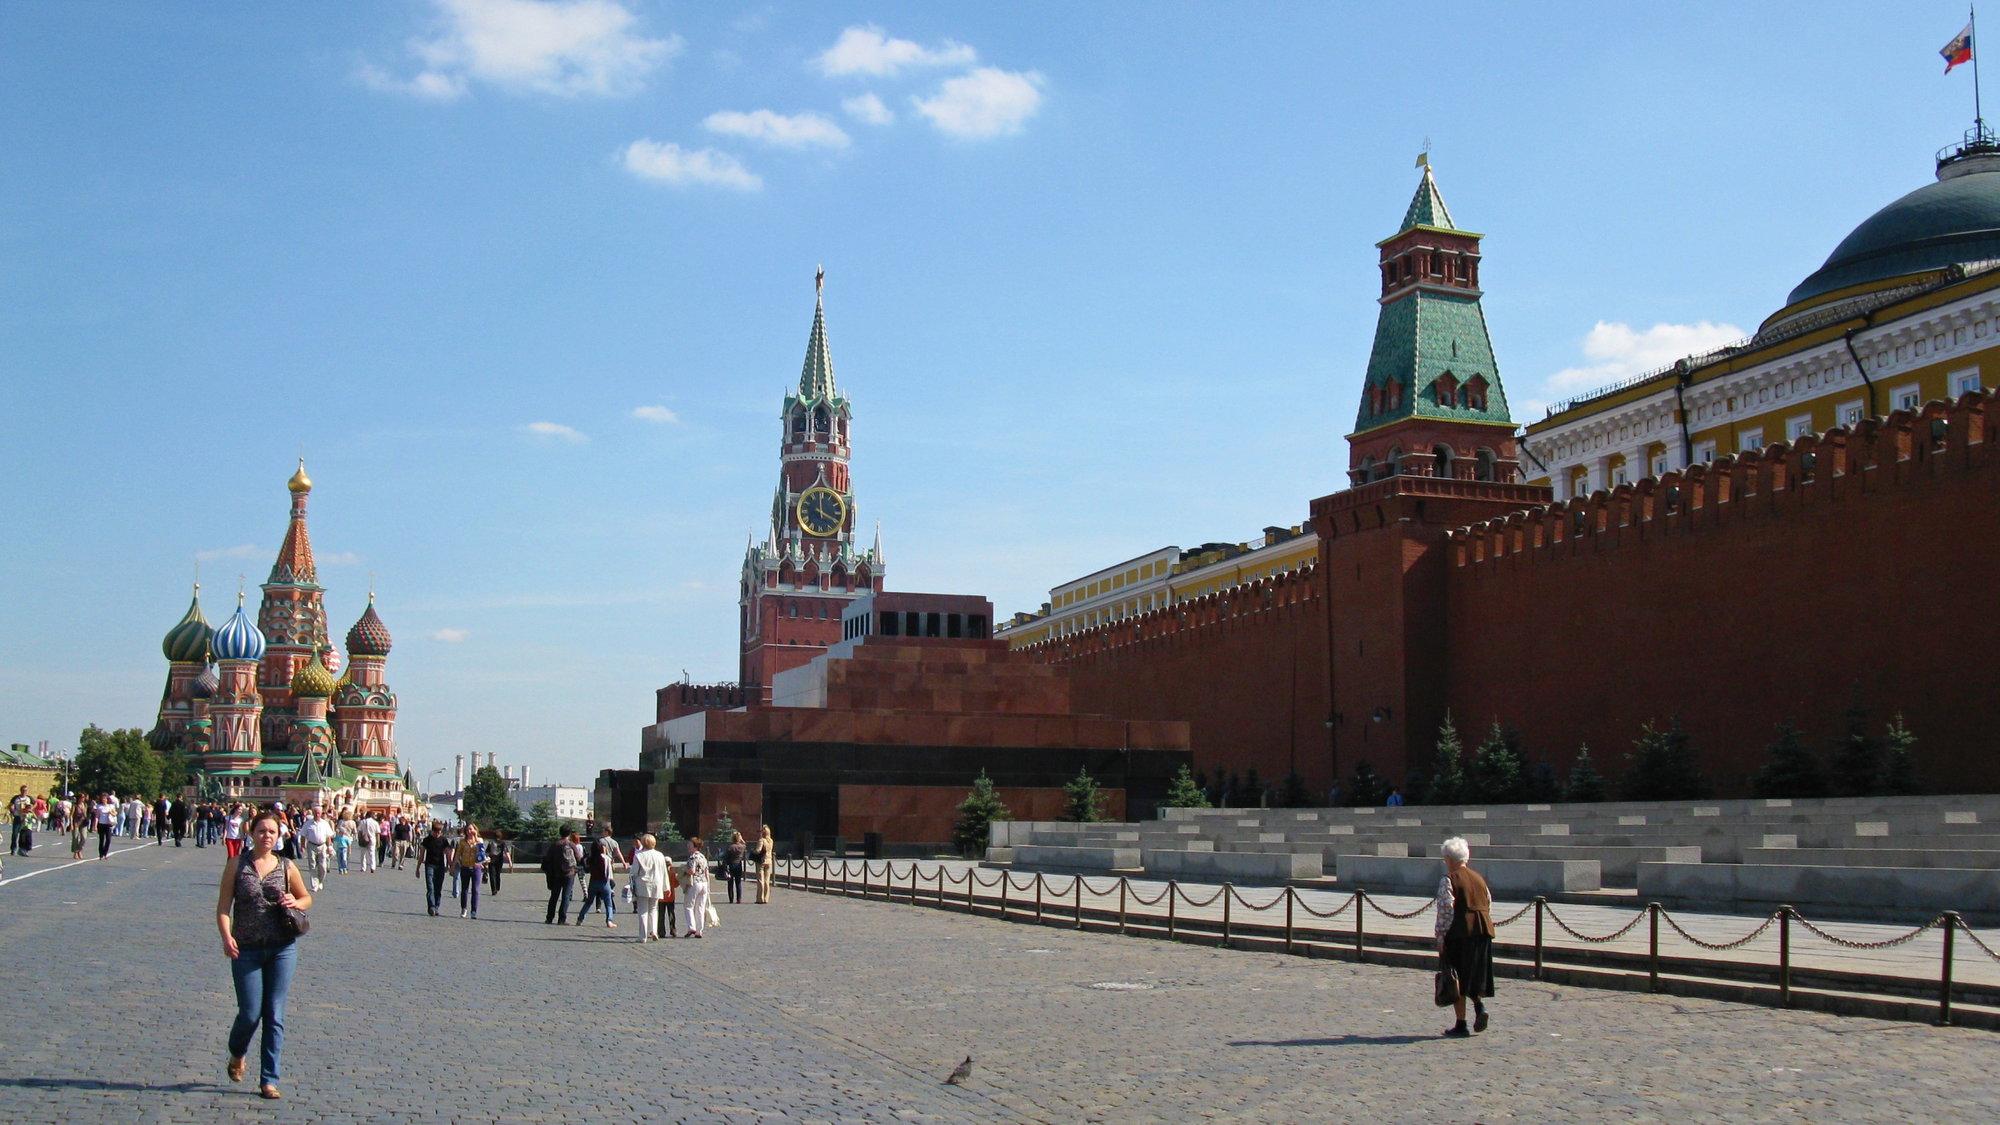 своим цветом мавзолей немного сливается с кремлевской стеной